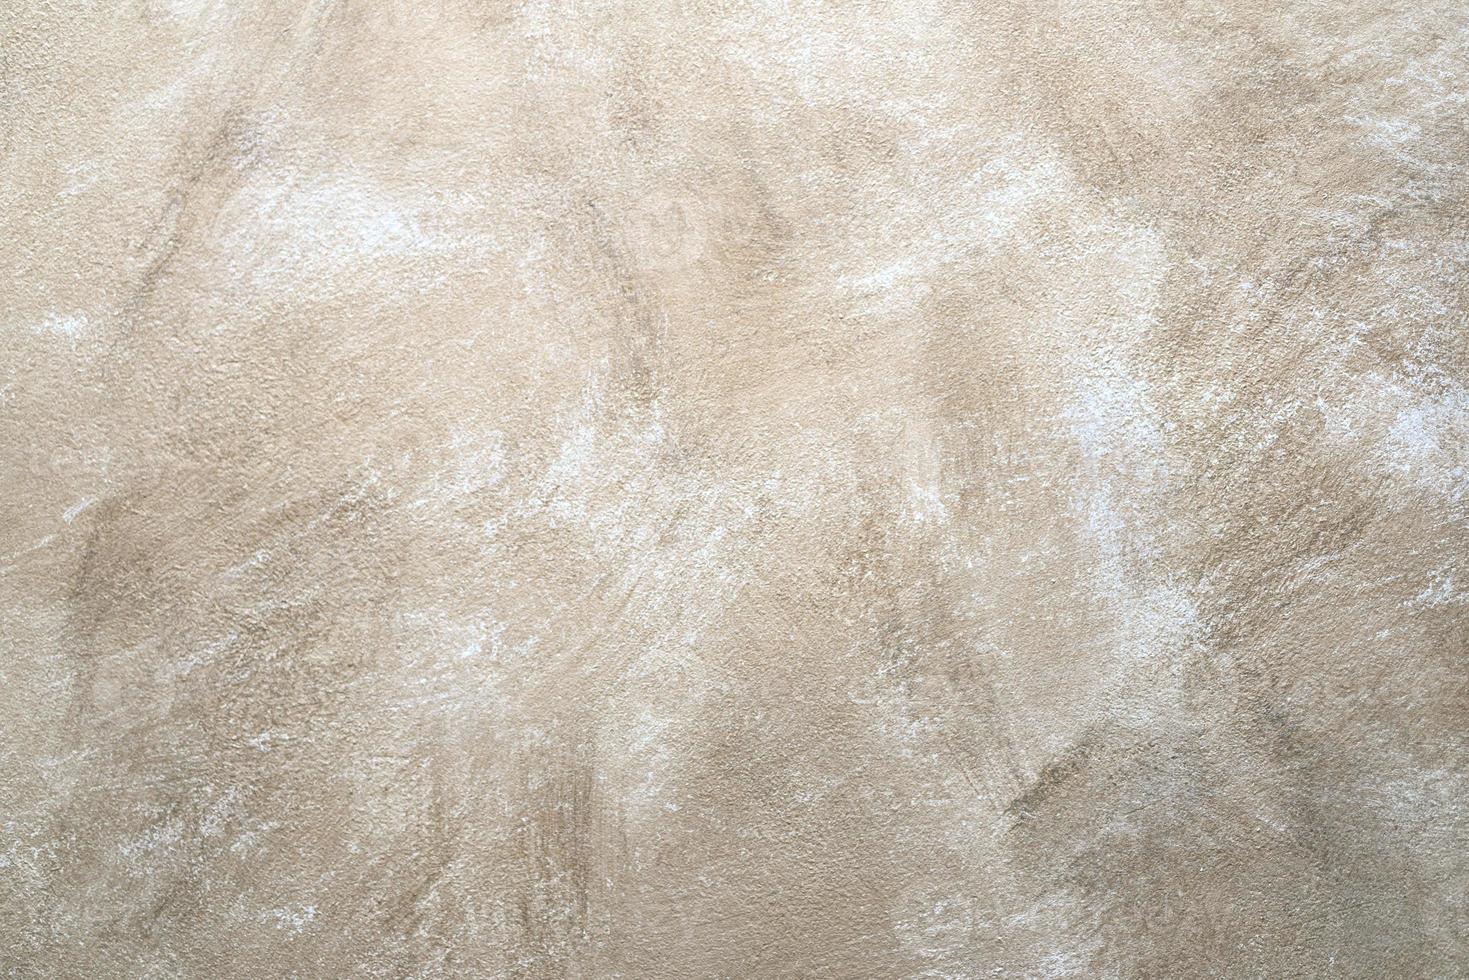 Fondo de pared beige abstracto de roca foto